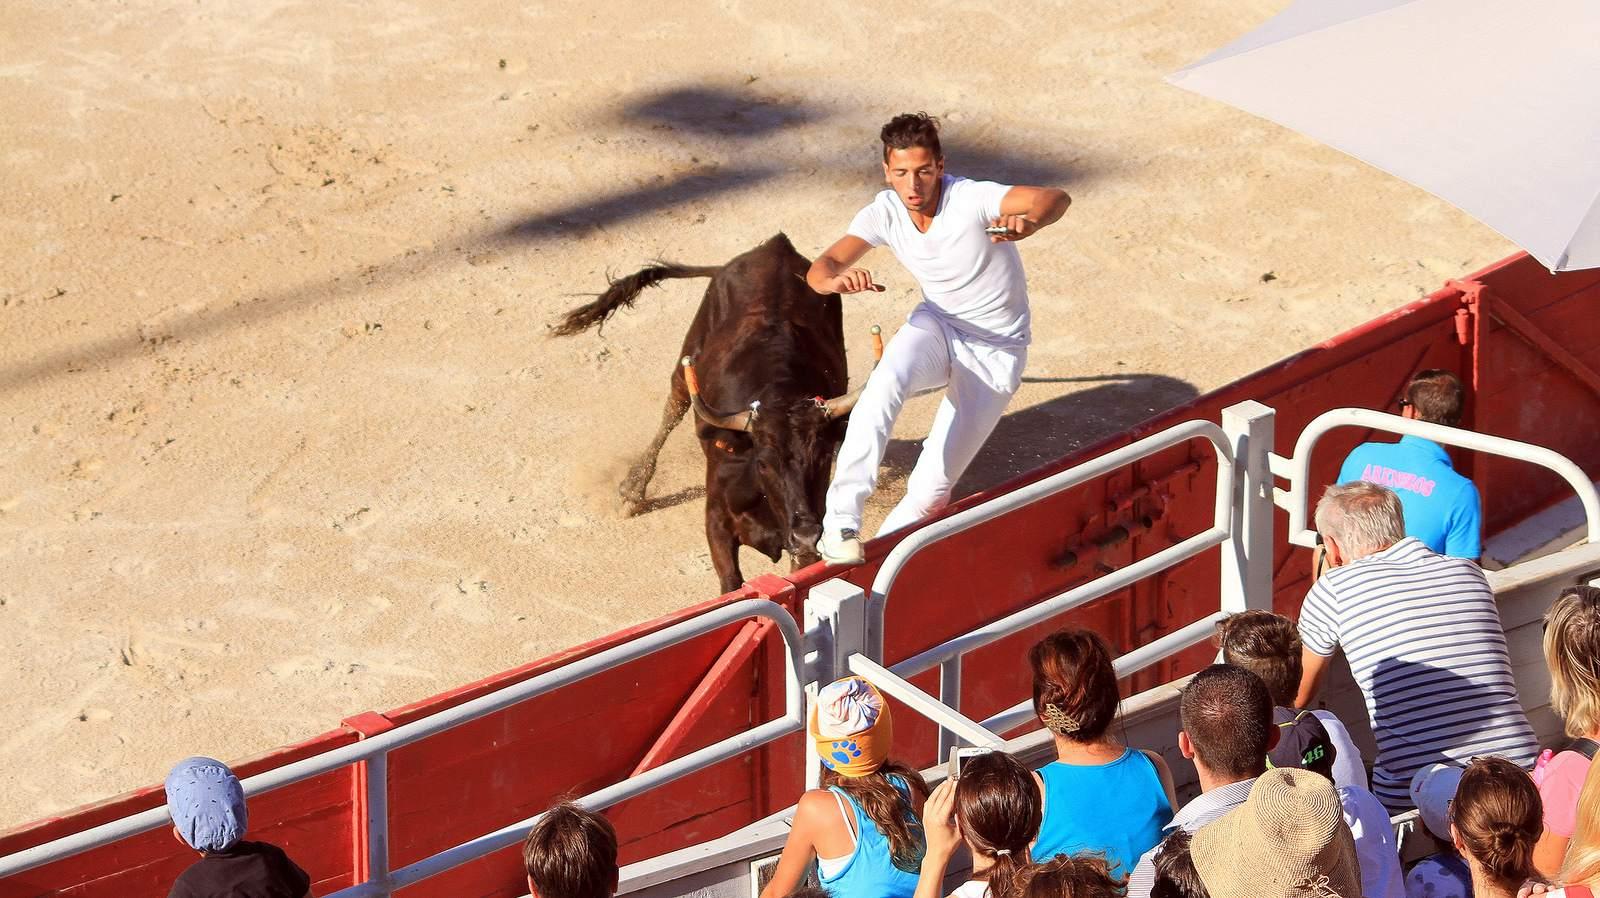 arles3 Bull Fighting in Arles Arena